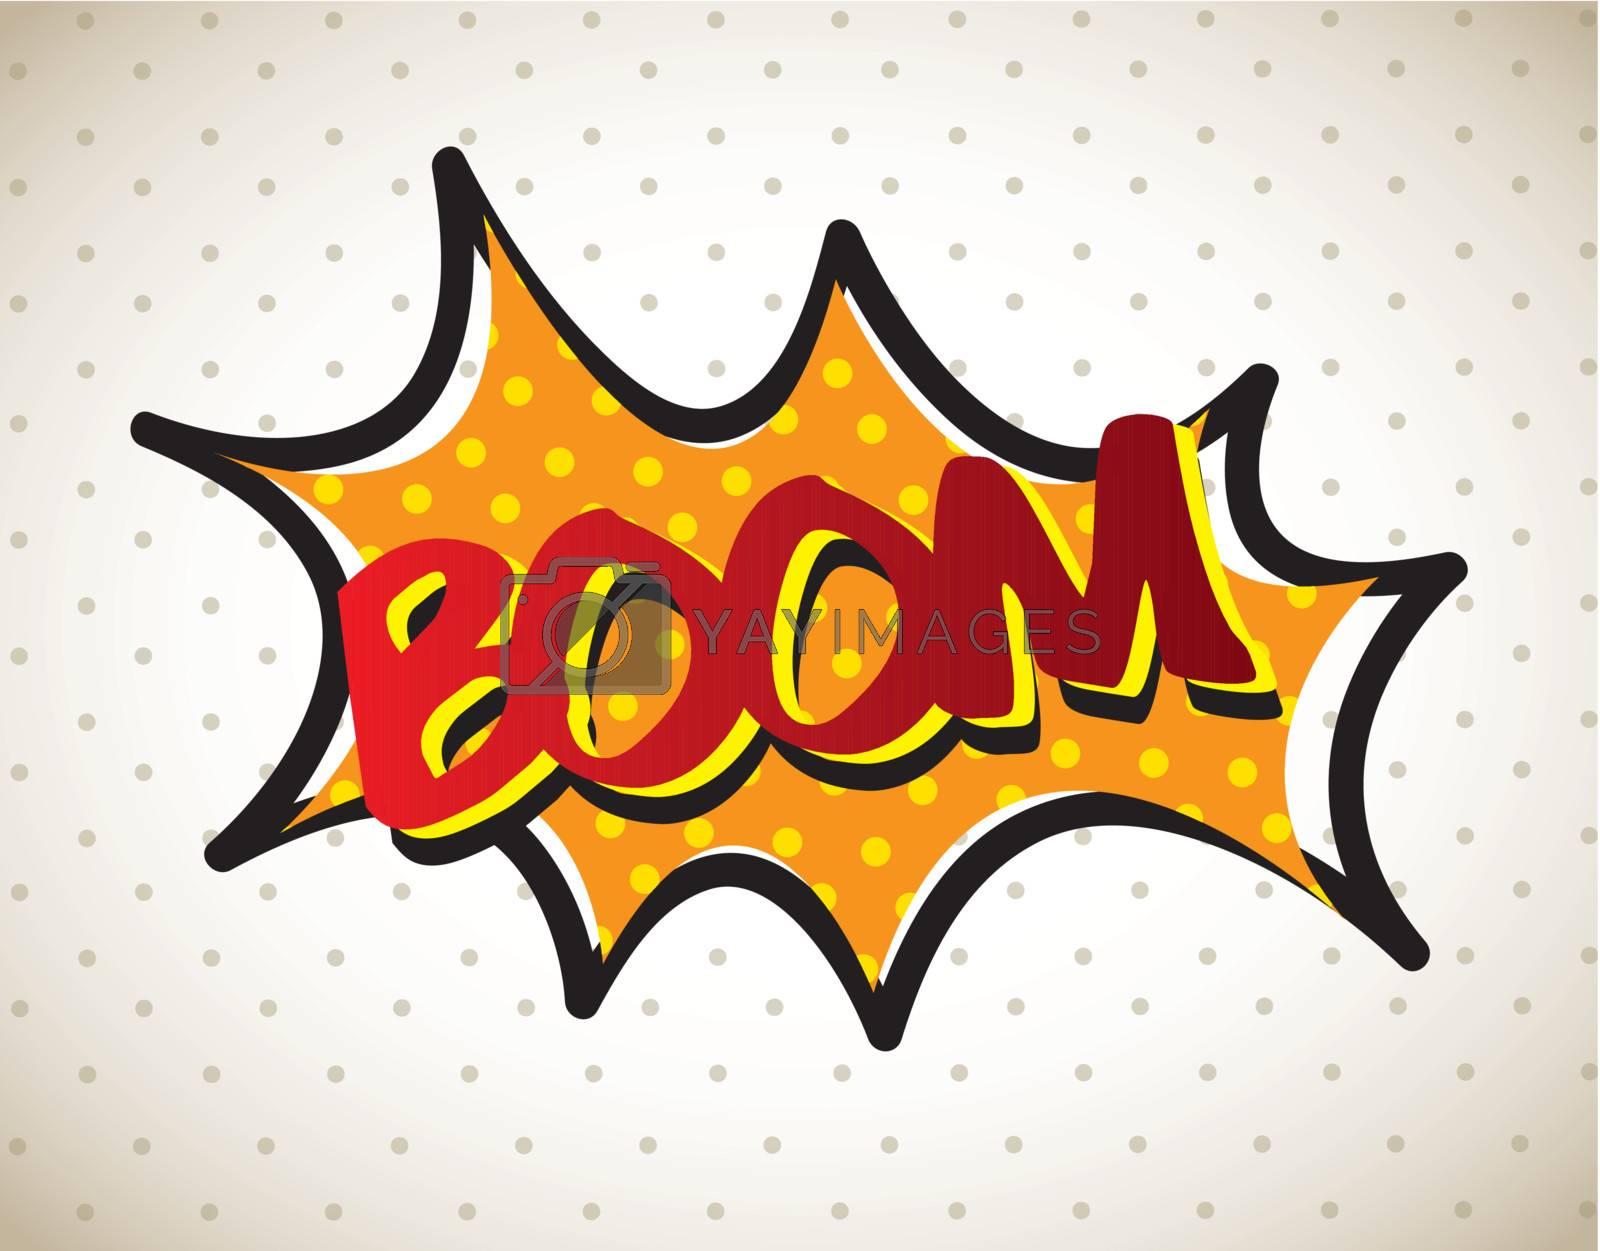 Boom comic over vintage background vector illustration